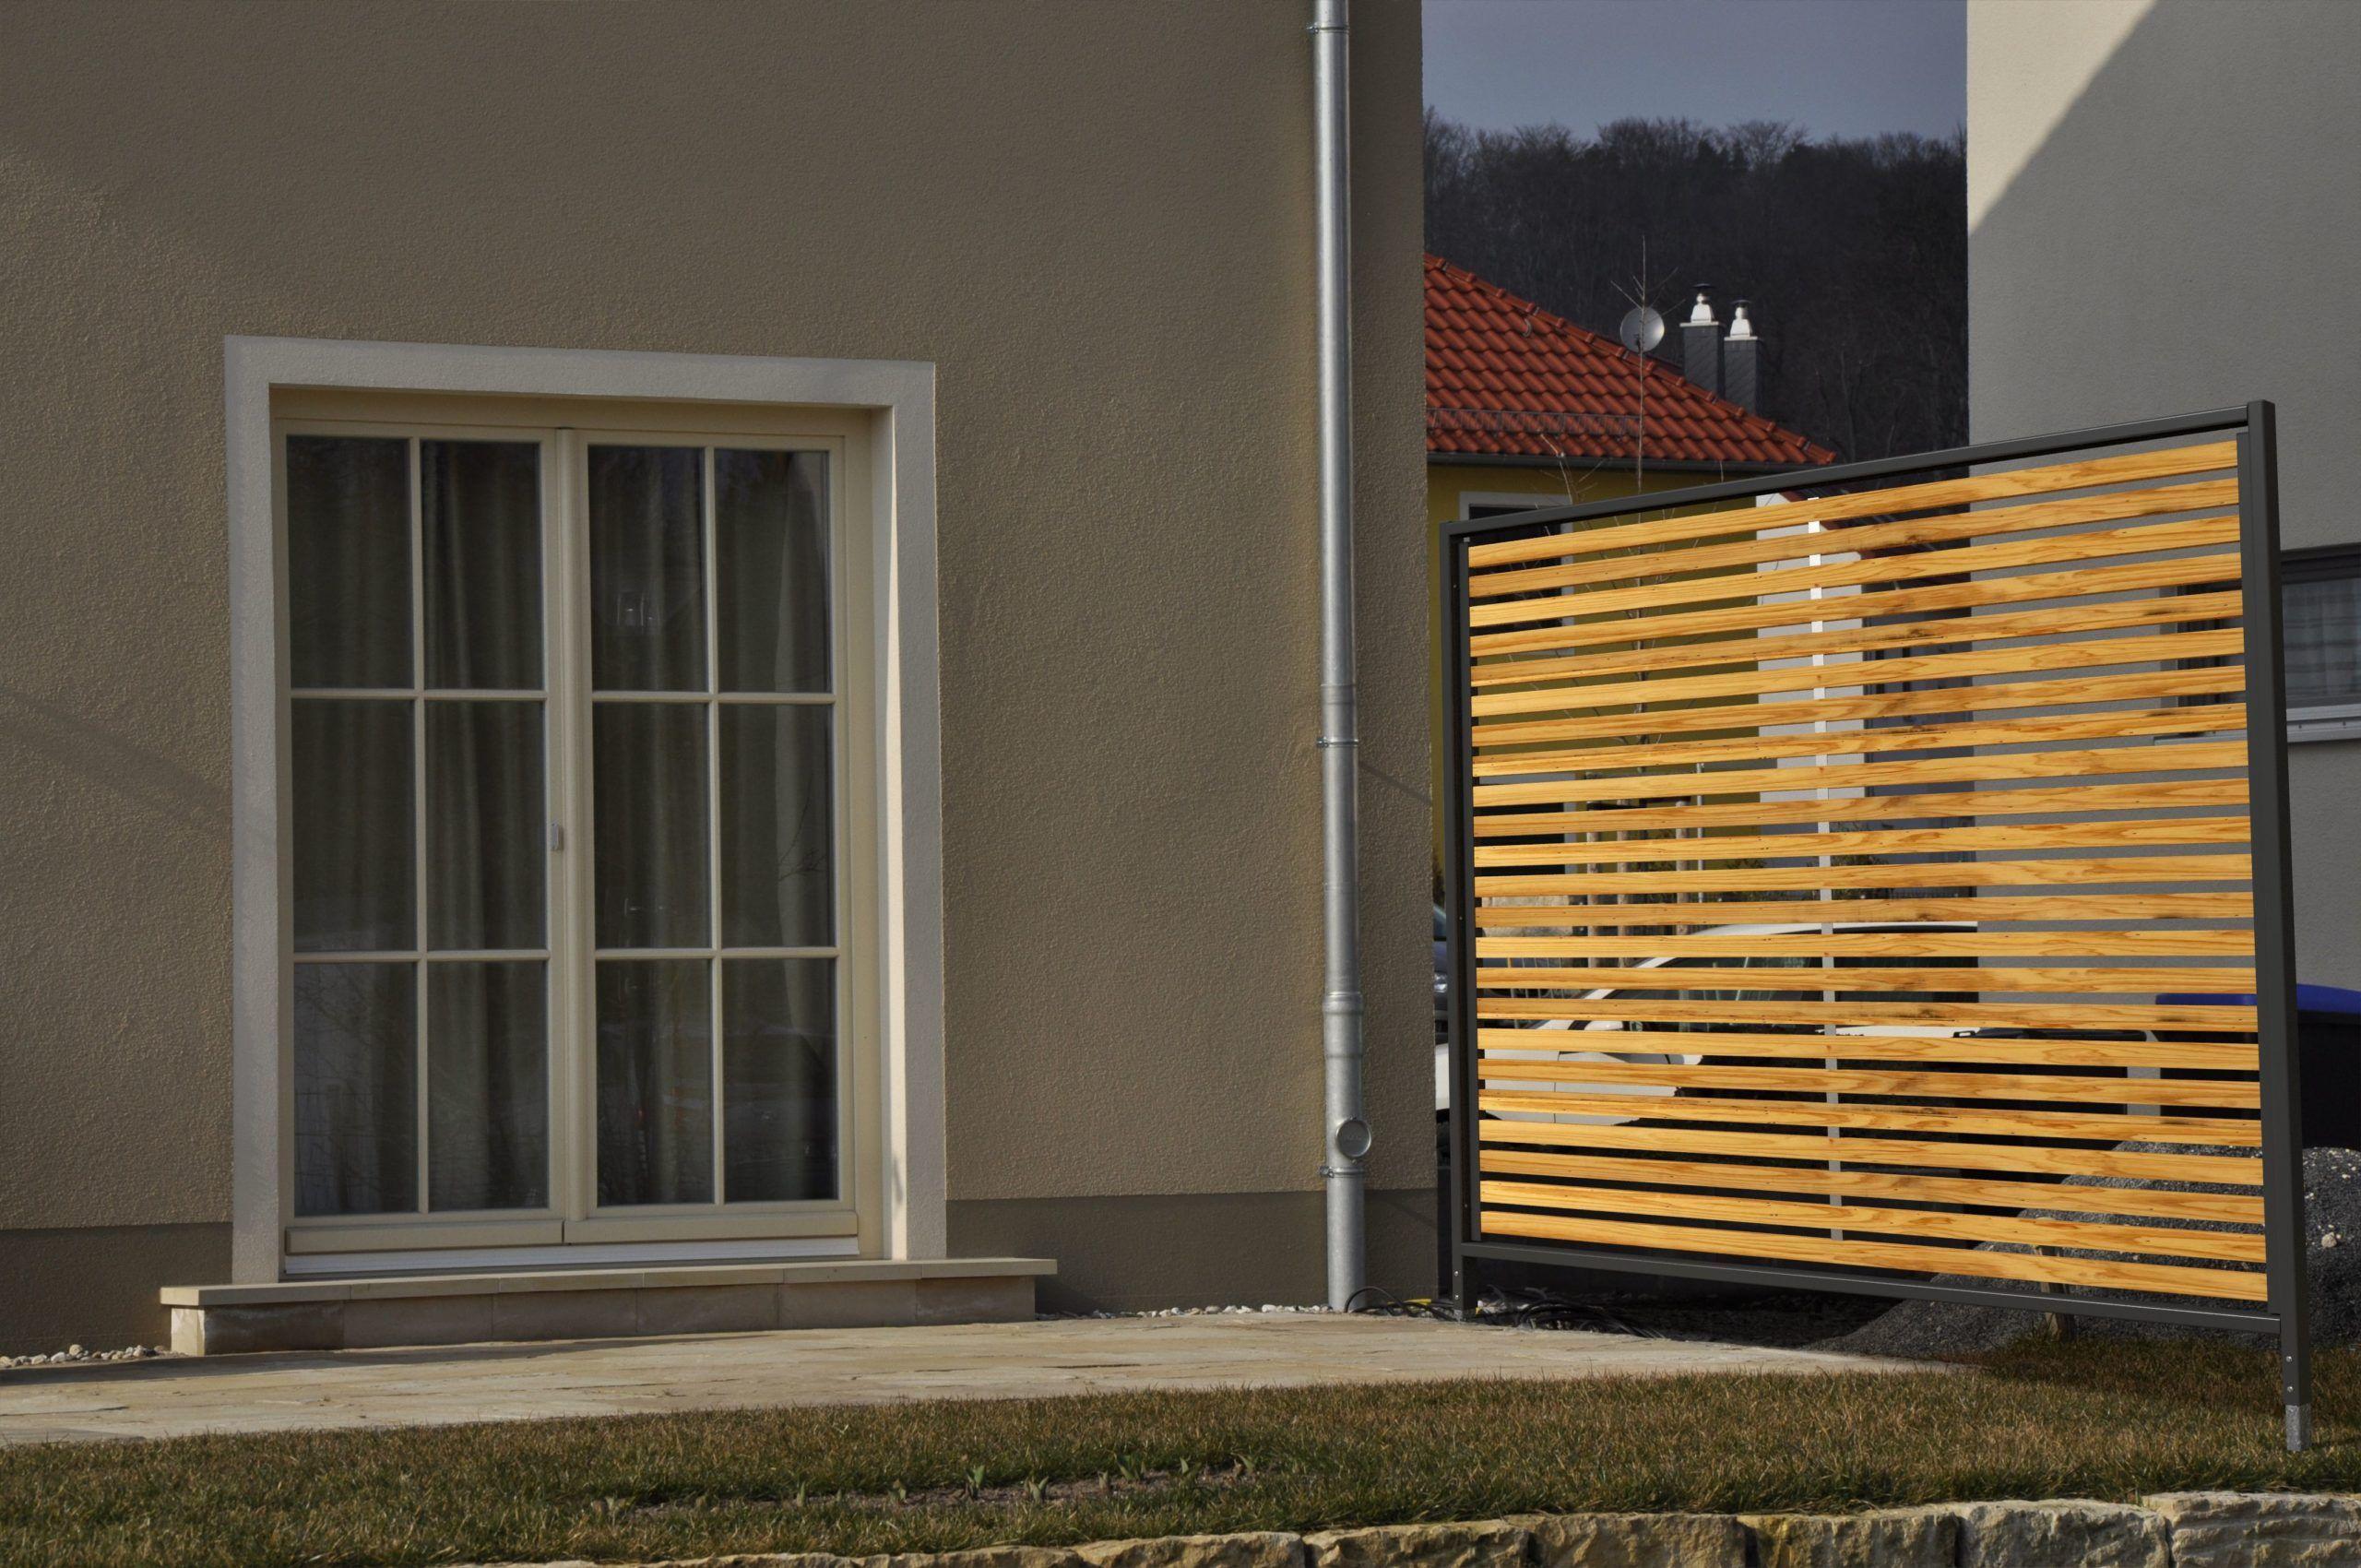 Sichtschutzelemente Larchenmetall Ral 7016 Sichtschutzelemente Sichtschutzzaun Balkon Holz